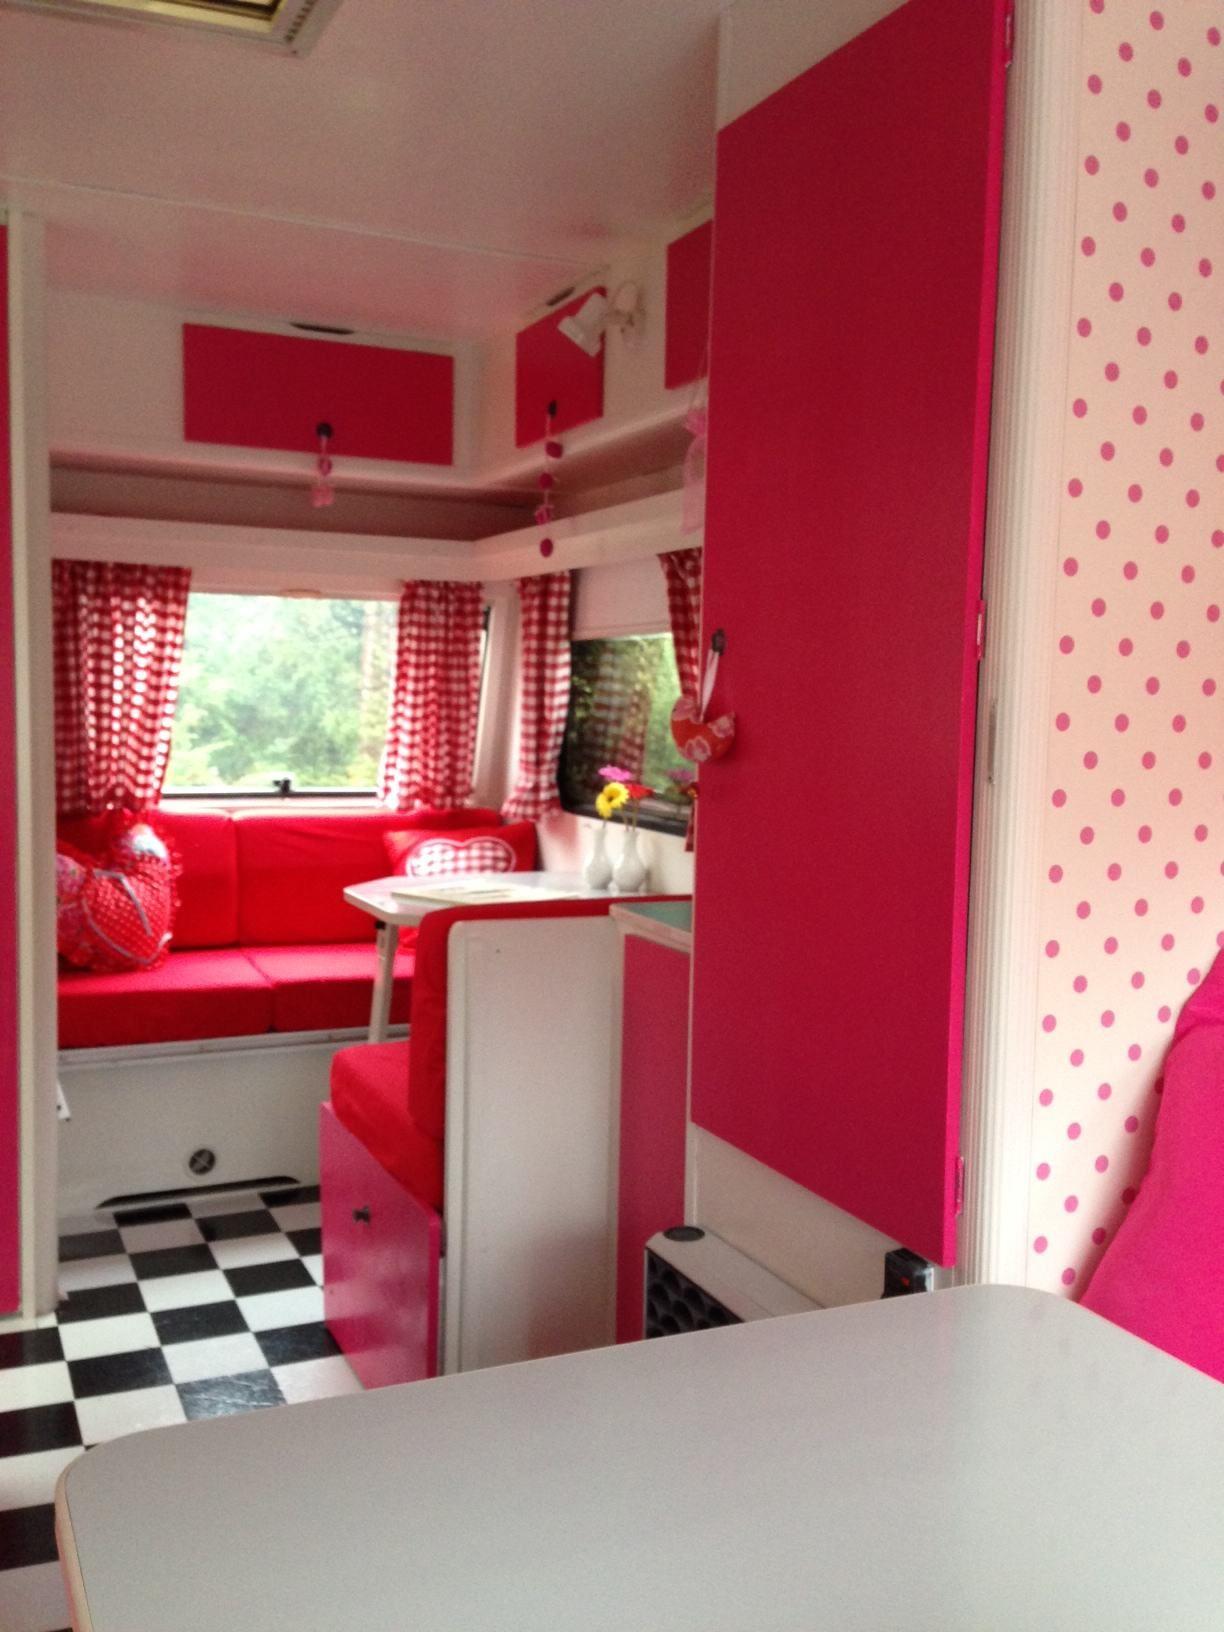 Rood met witte stippen caravanity happy campers lifestyle - Kamer in rood en grijs ...